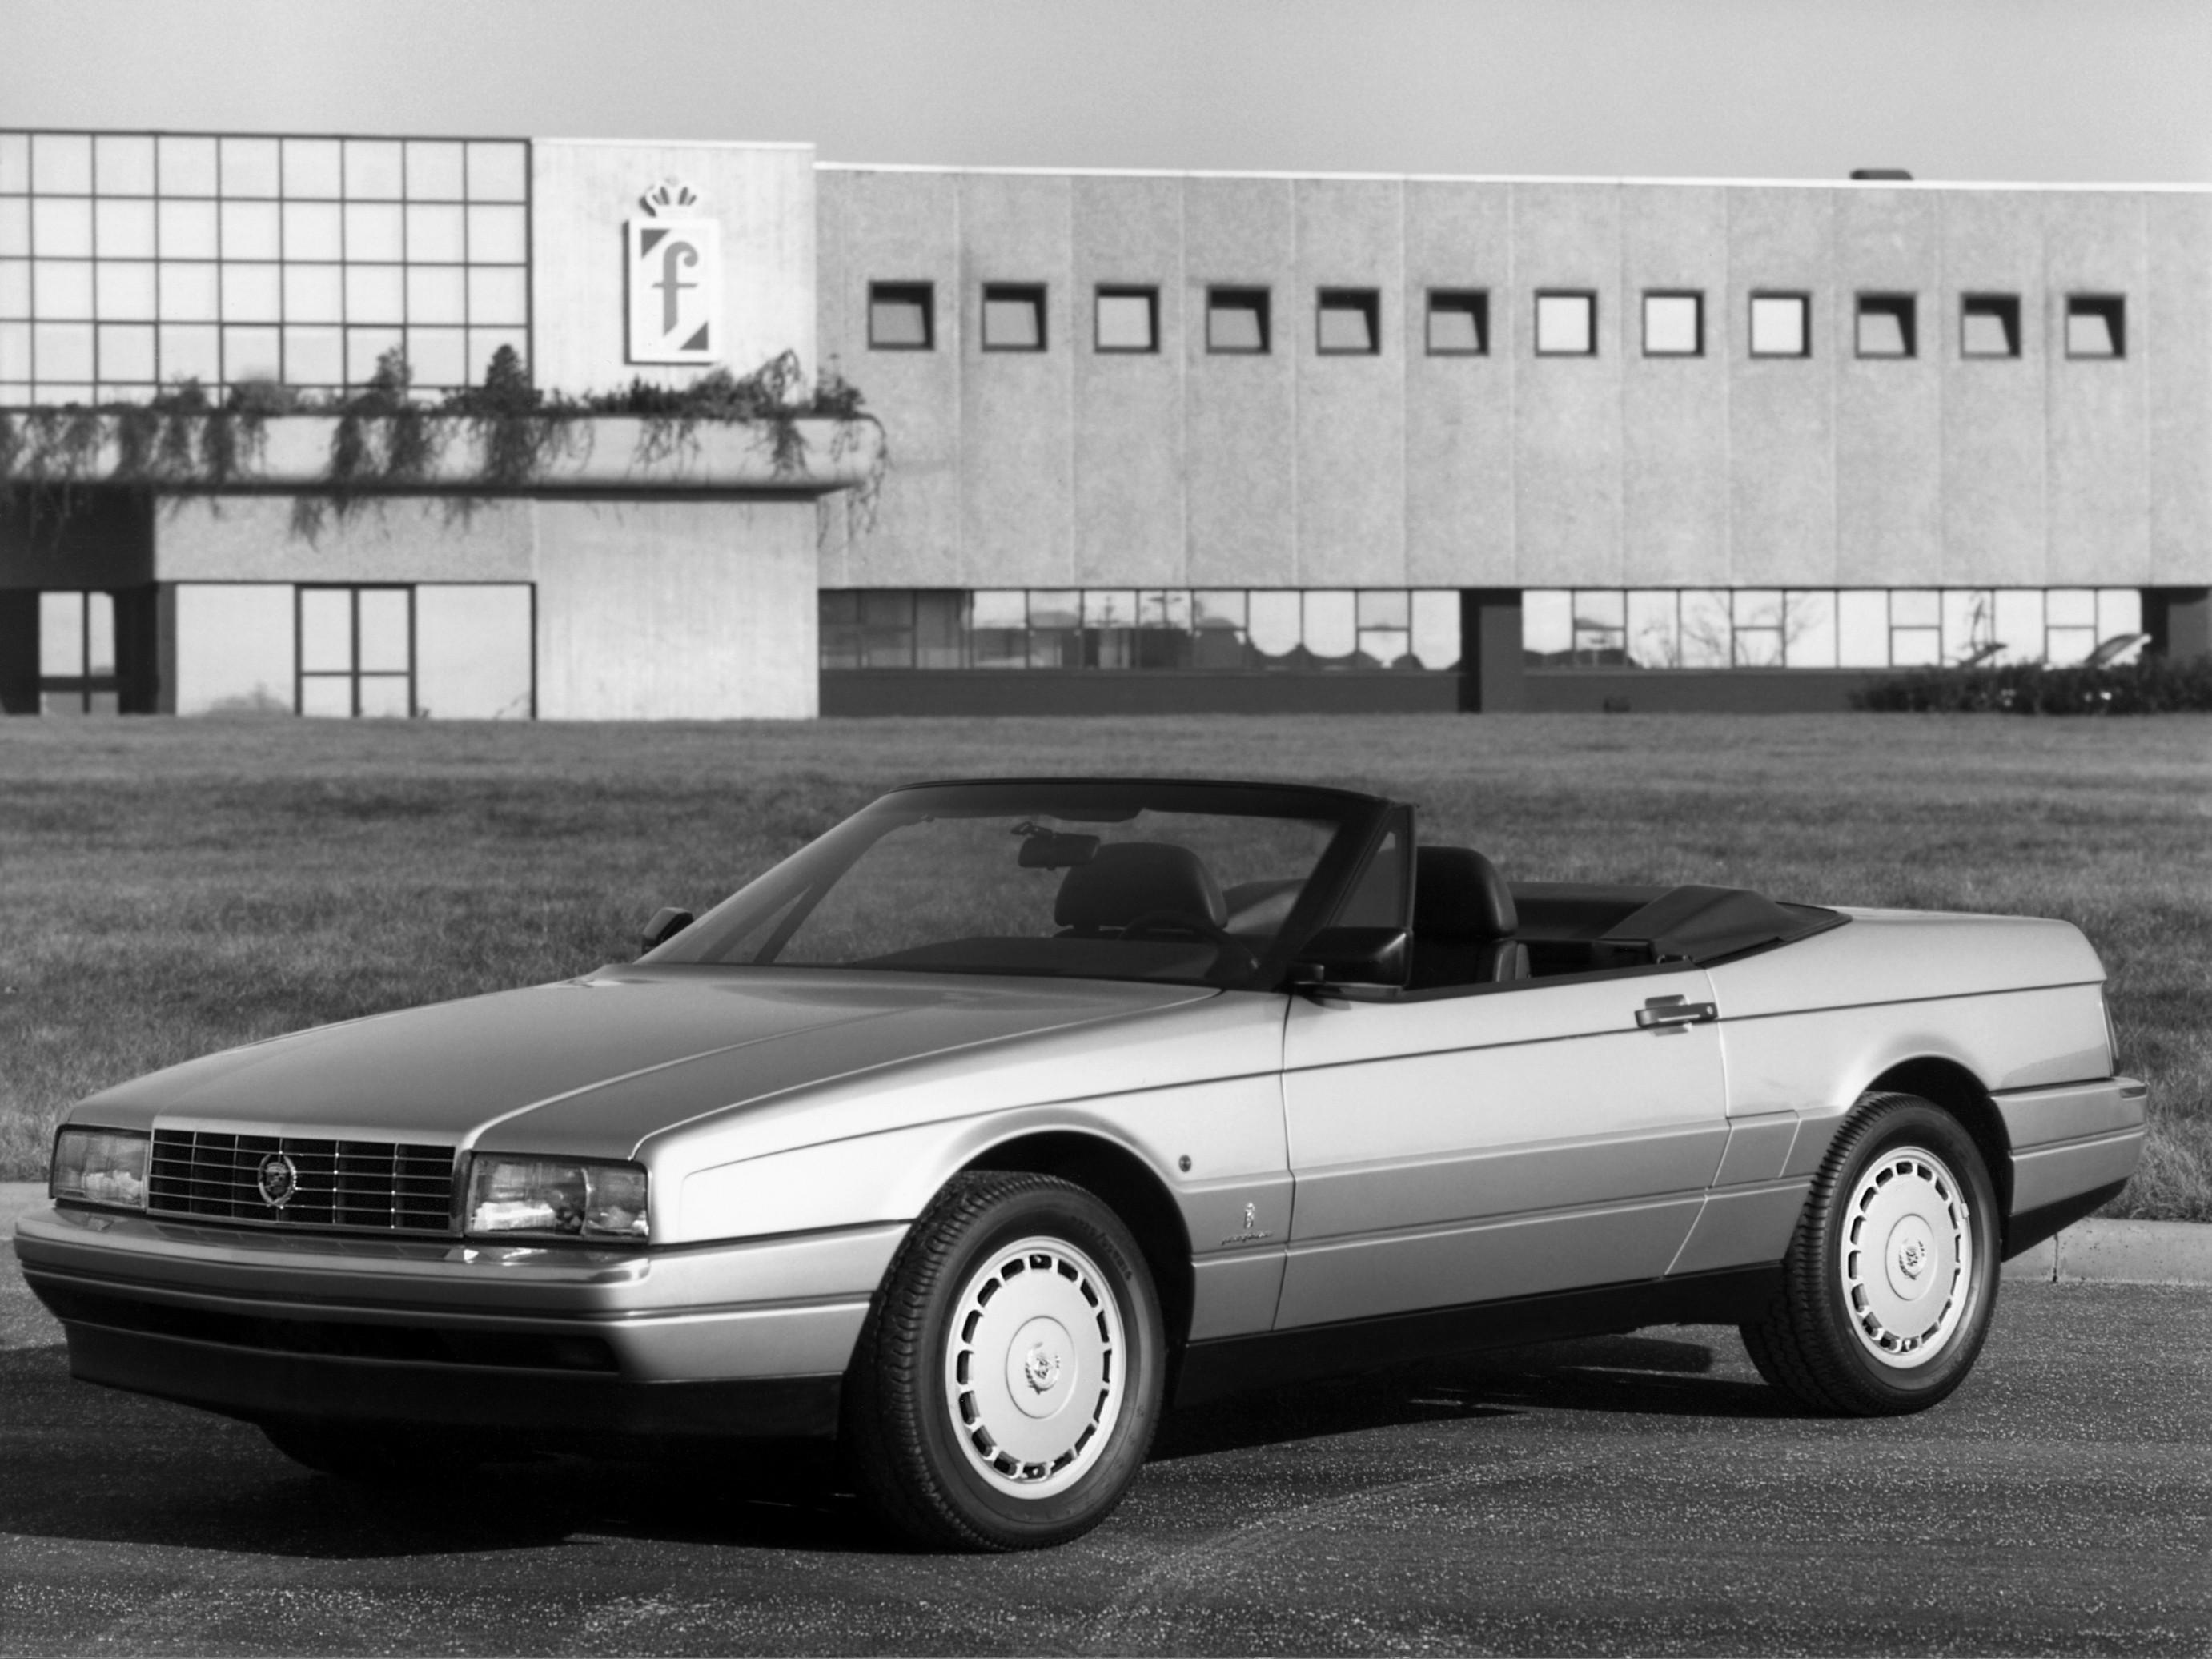 Cadillac Allante on 1993 Cadillac Allante